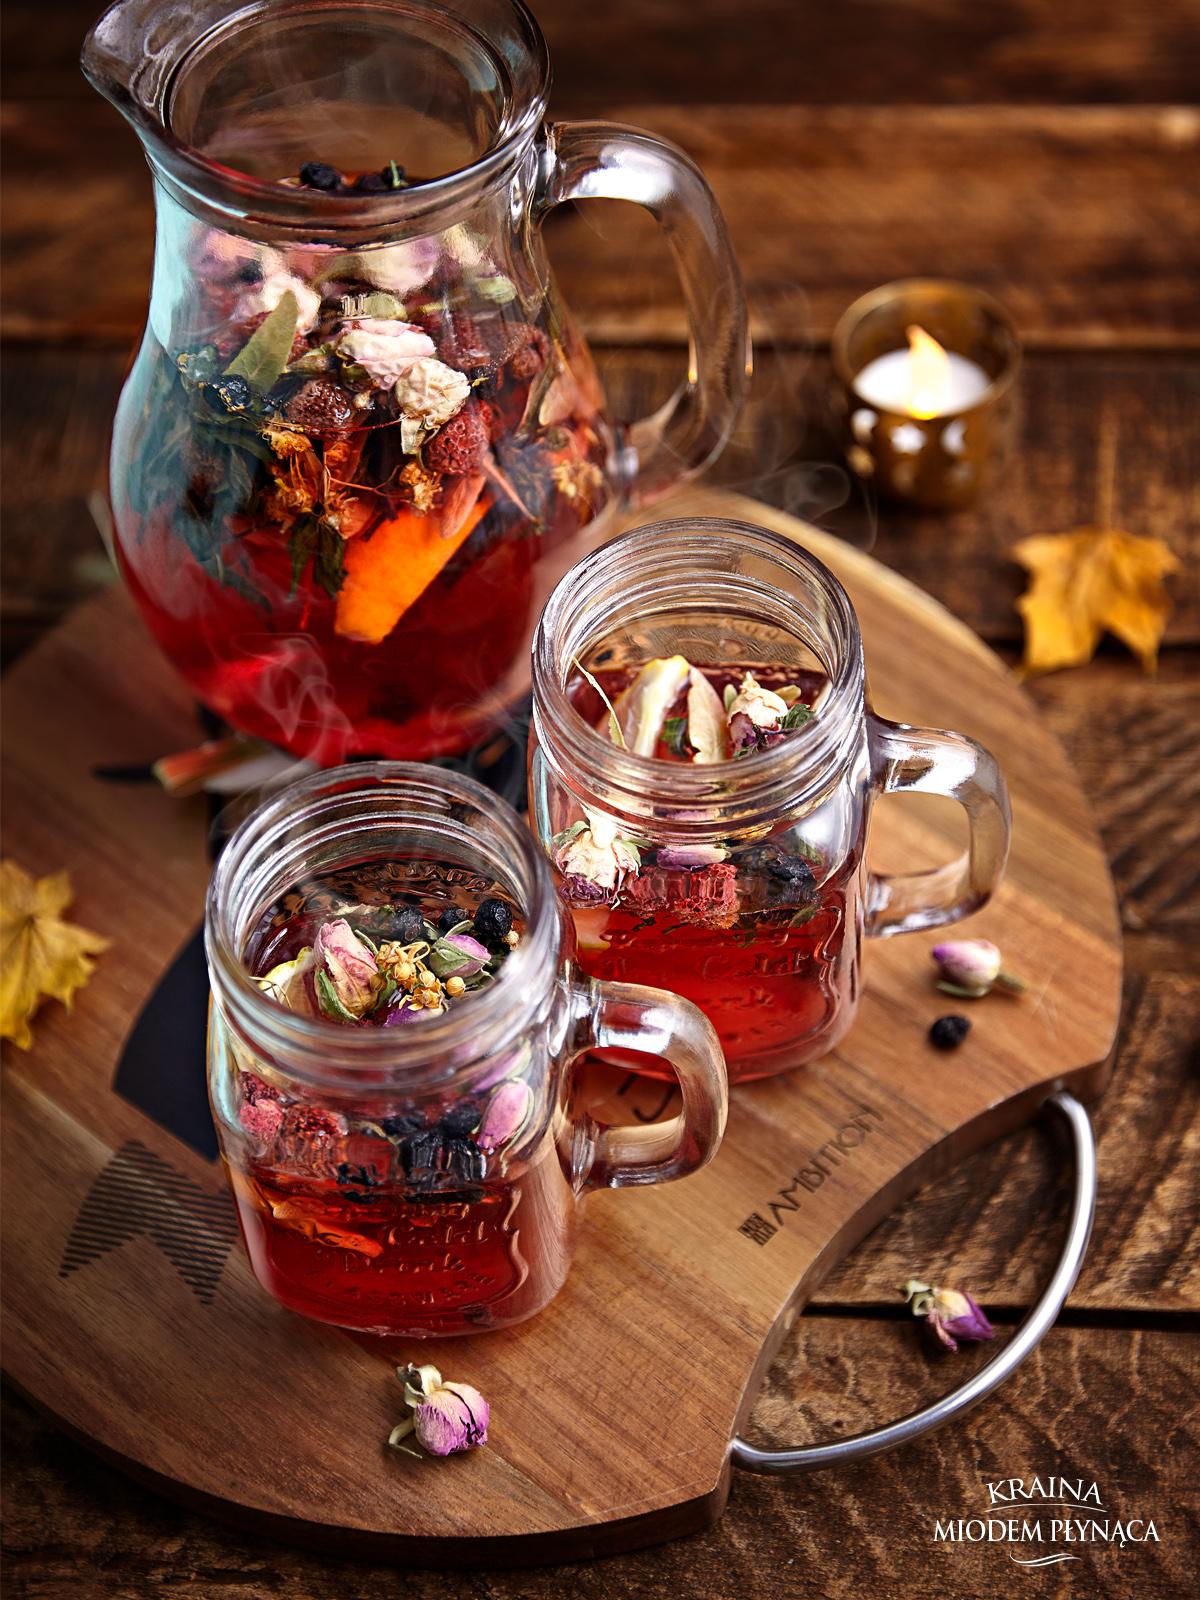 herbata pełna zdrowia, zdrowotna herbata, herbata na odporność, herbata rozgrzewająca, konkurs ambition, fotografia kulinarna, kraina miodem płynąca